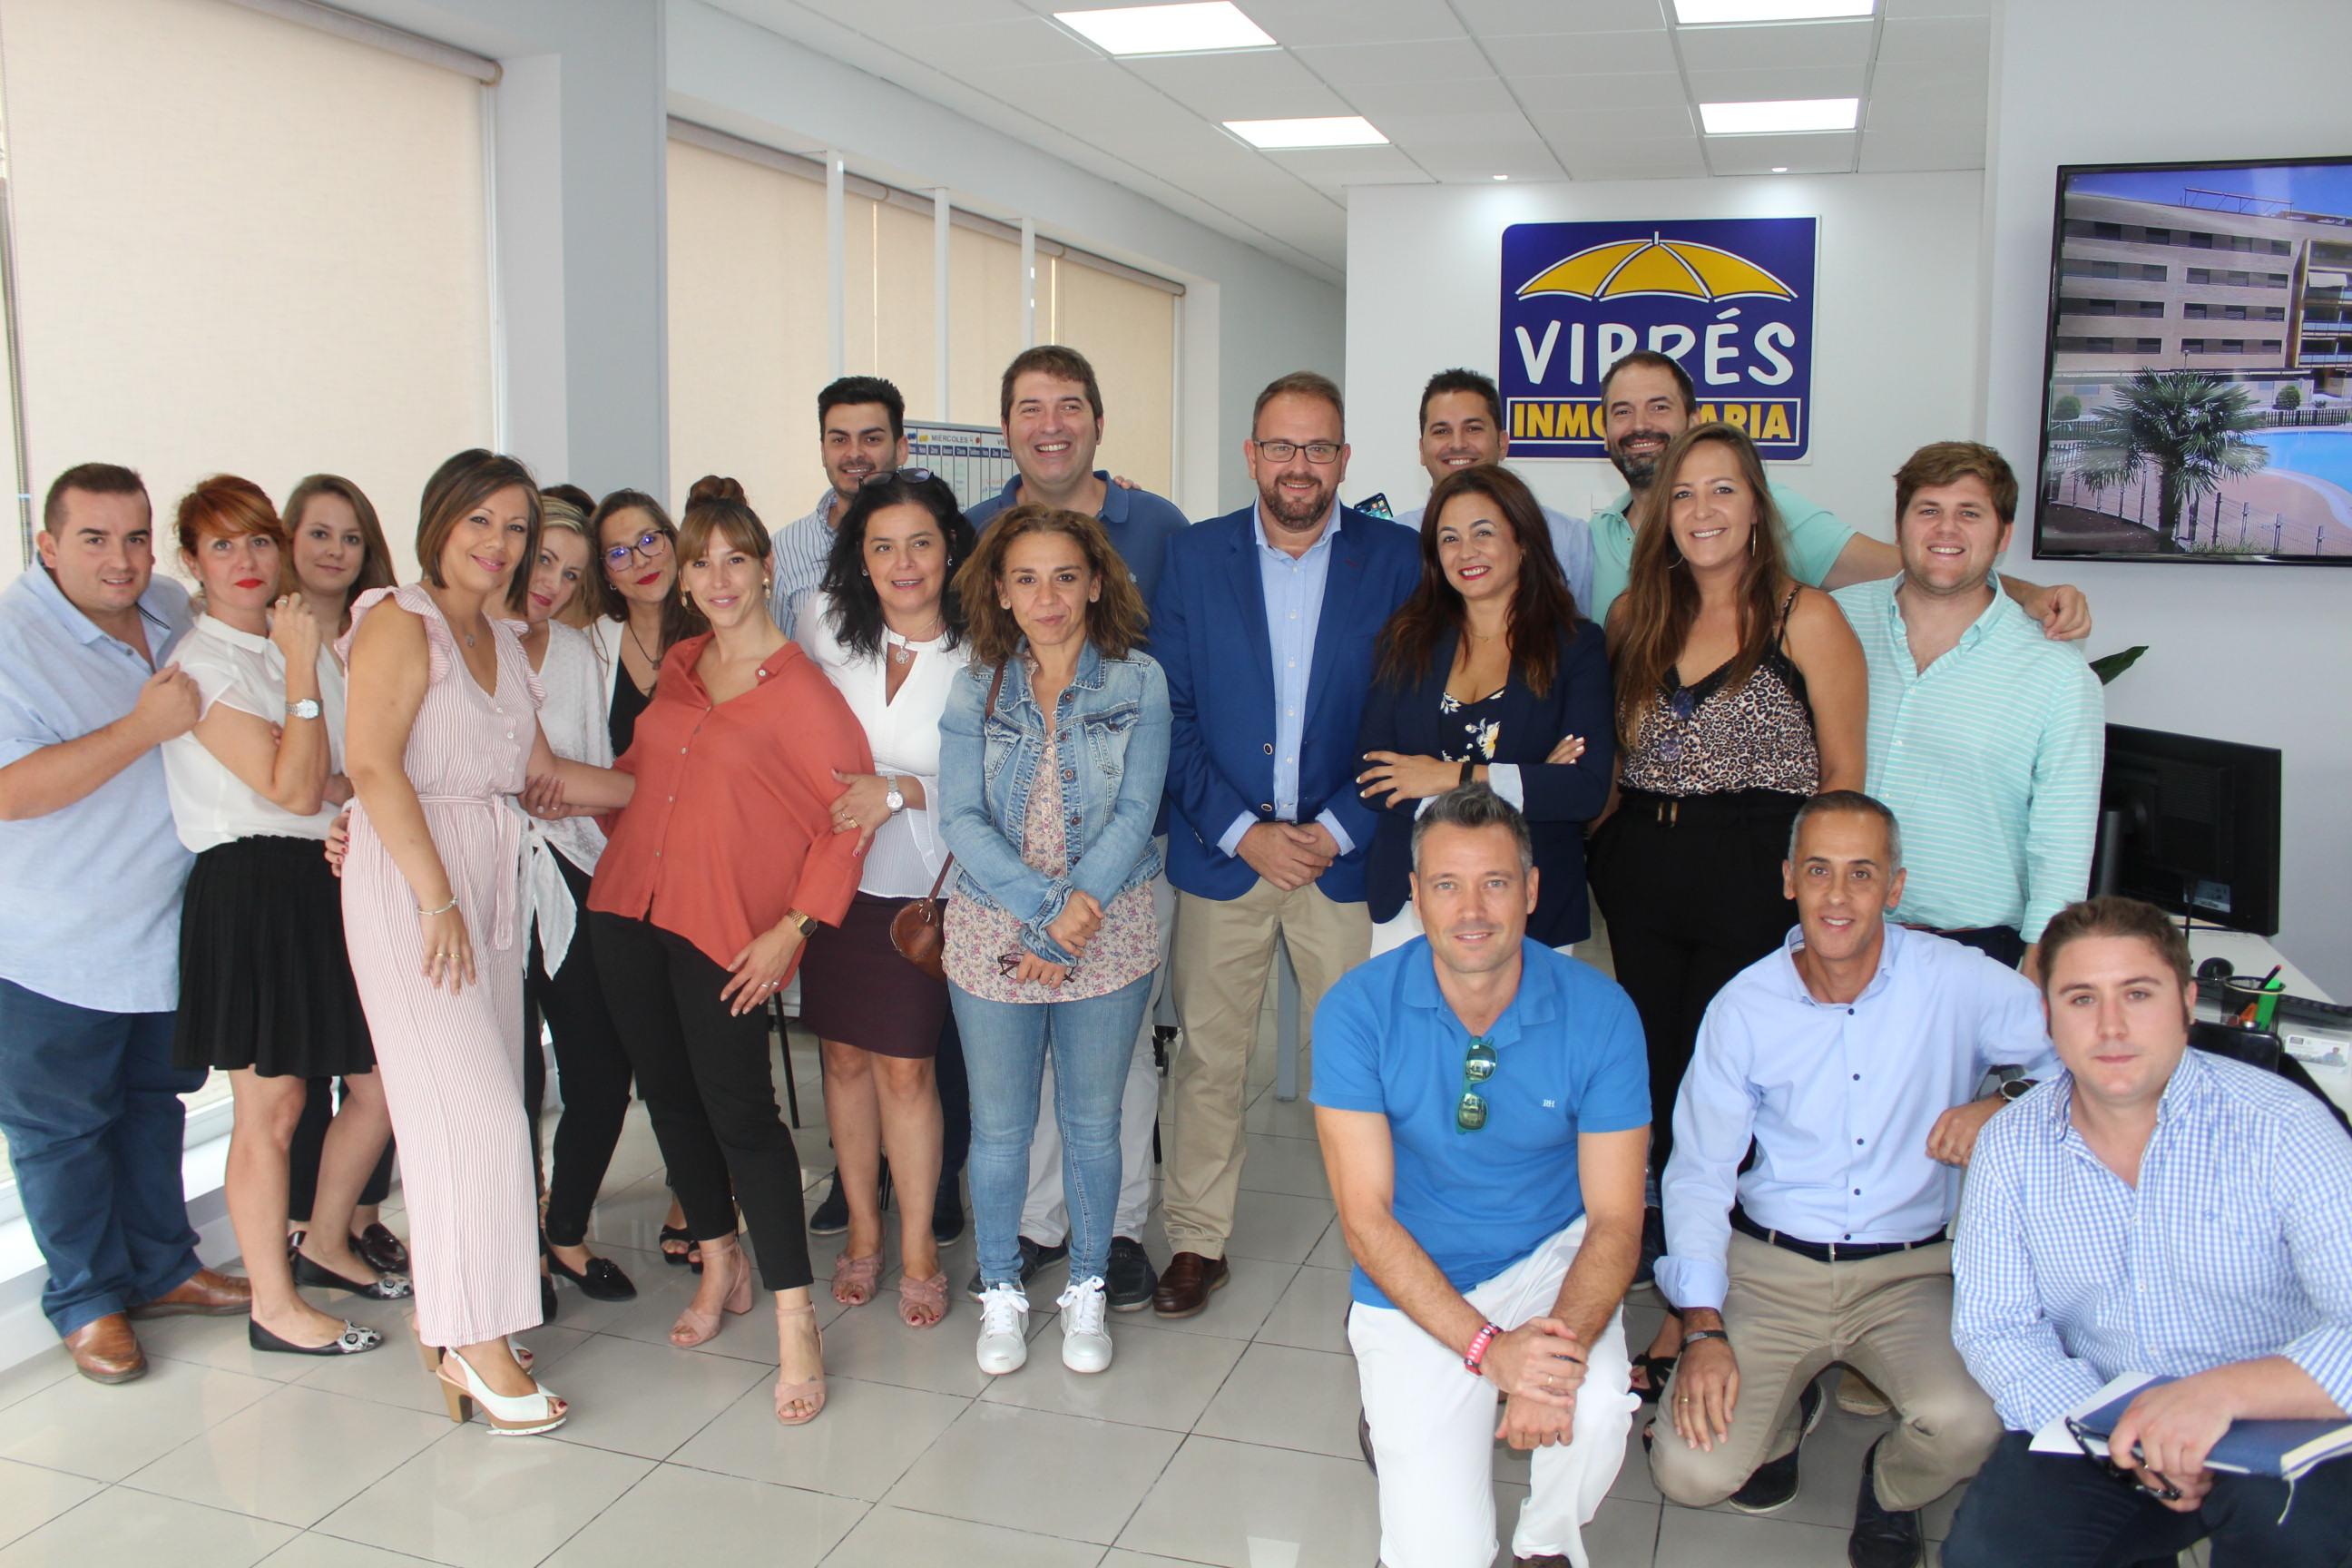 Visita Osuna a VIPRÉS